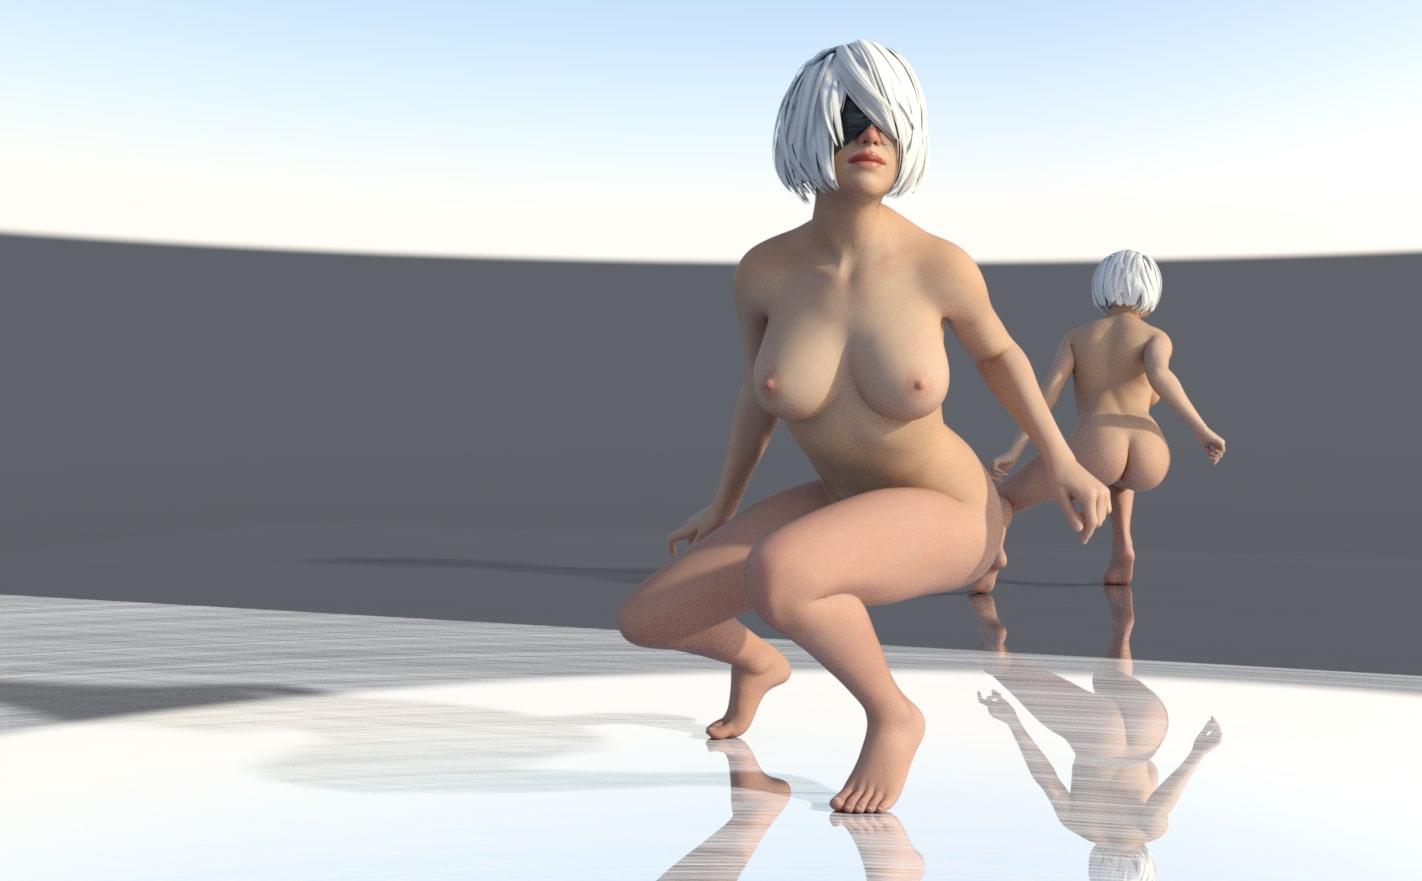 Naked Nier